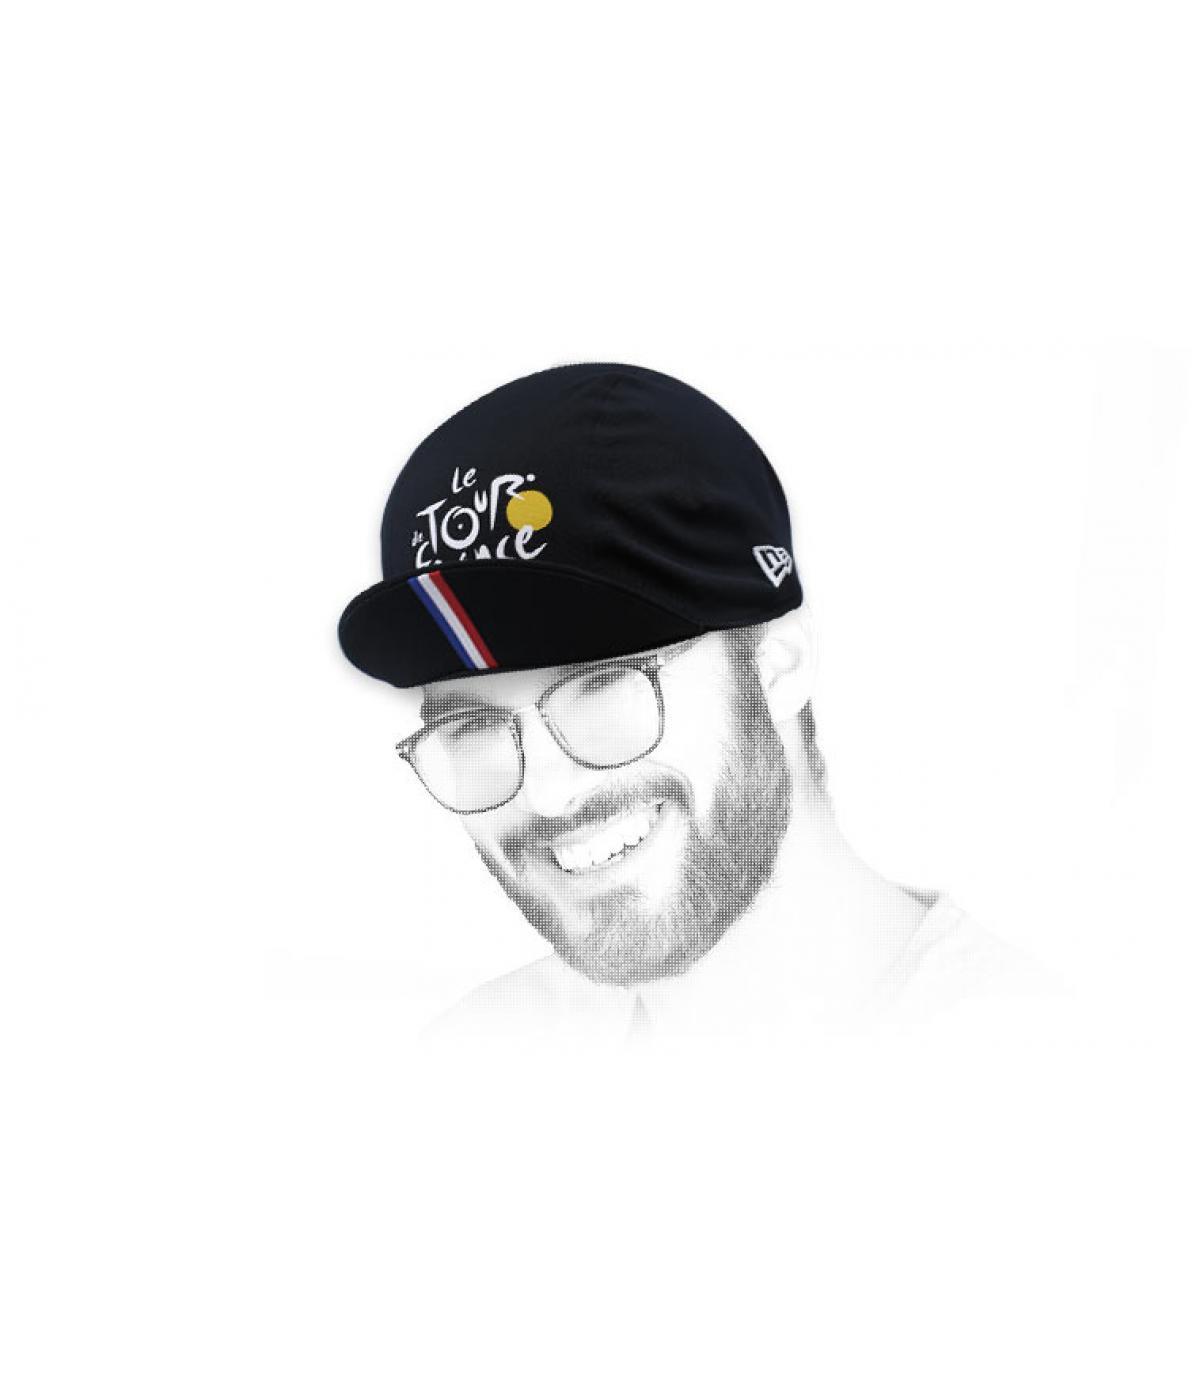 Tour de France cycling cap